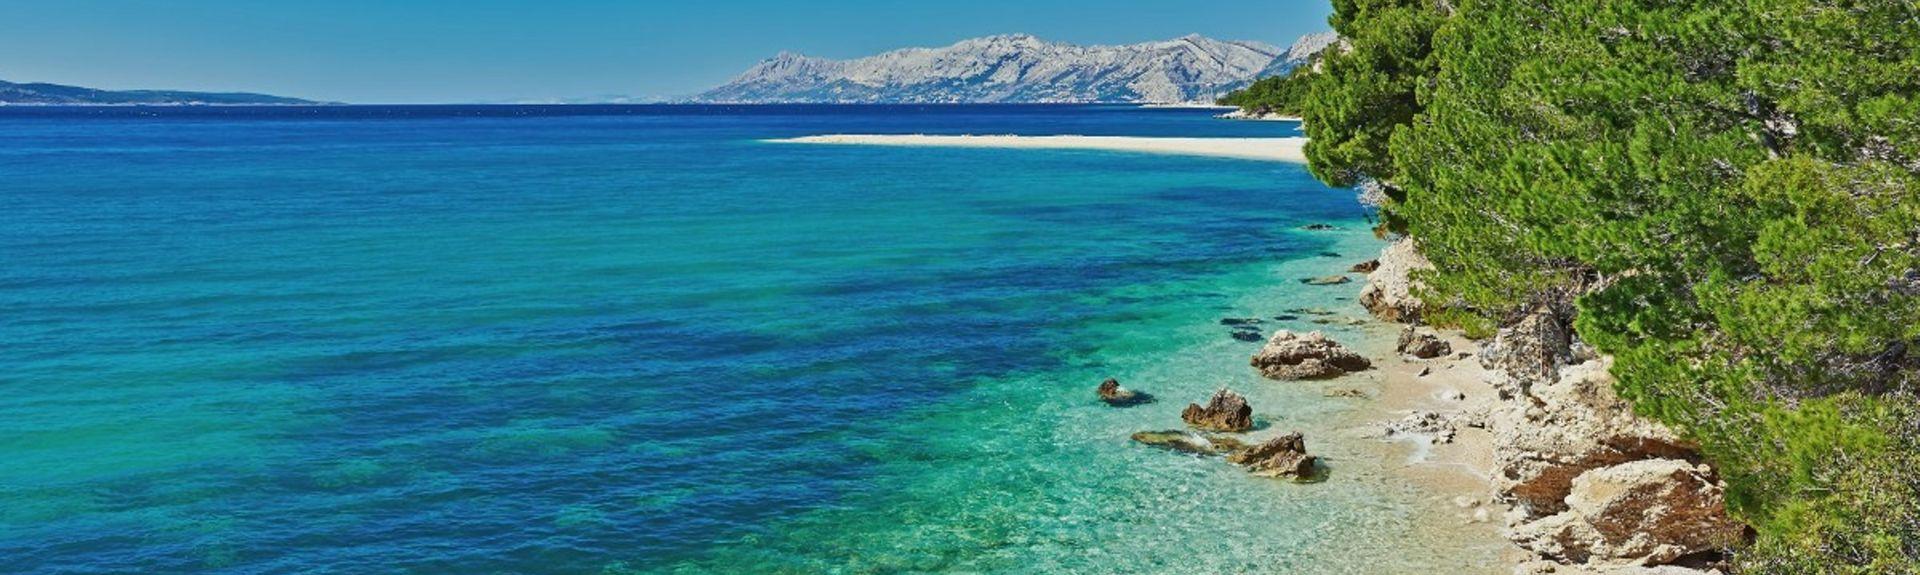 Umac, Makarska, Split-Dalmatia County, Croatia